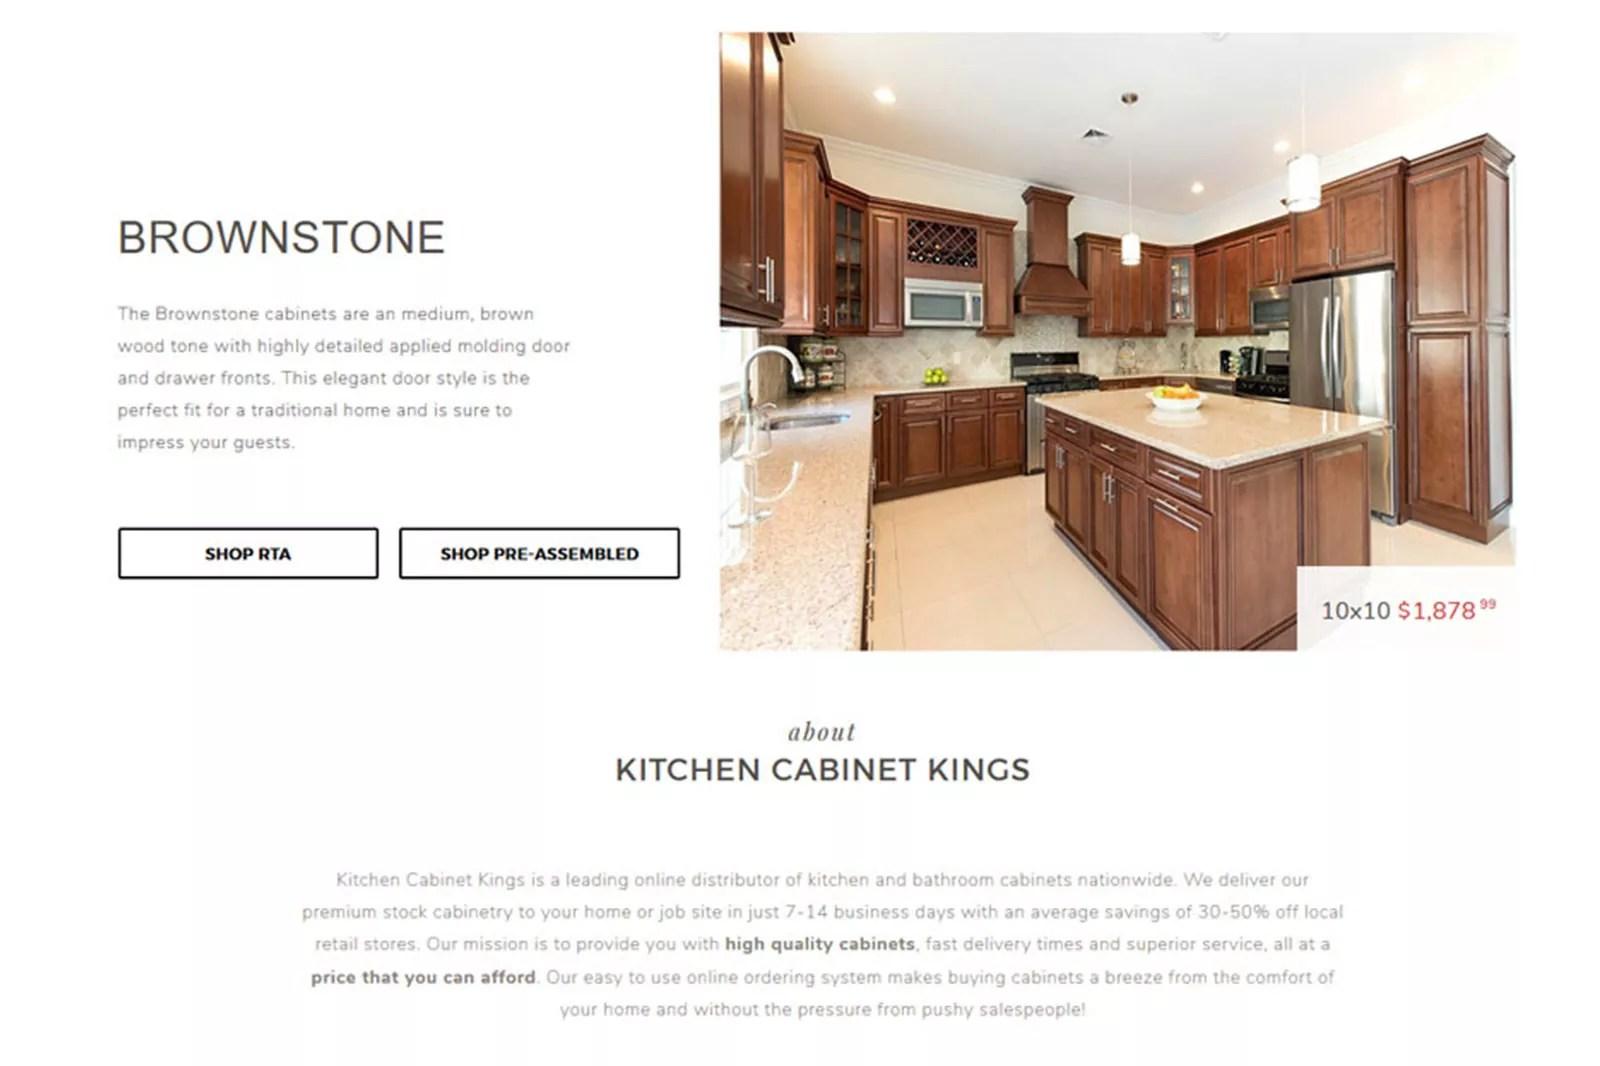 Kitchen Cabinets Kings Best Kitchen Gallery | Rachelxblog off white ...